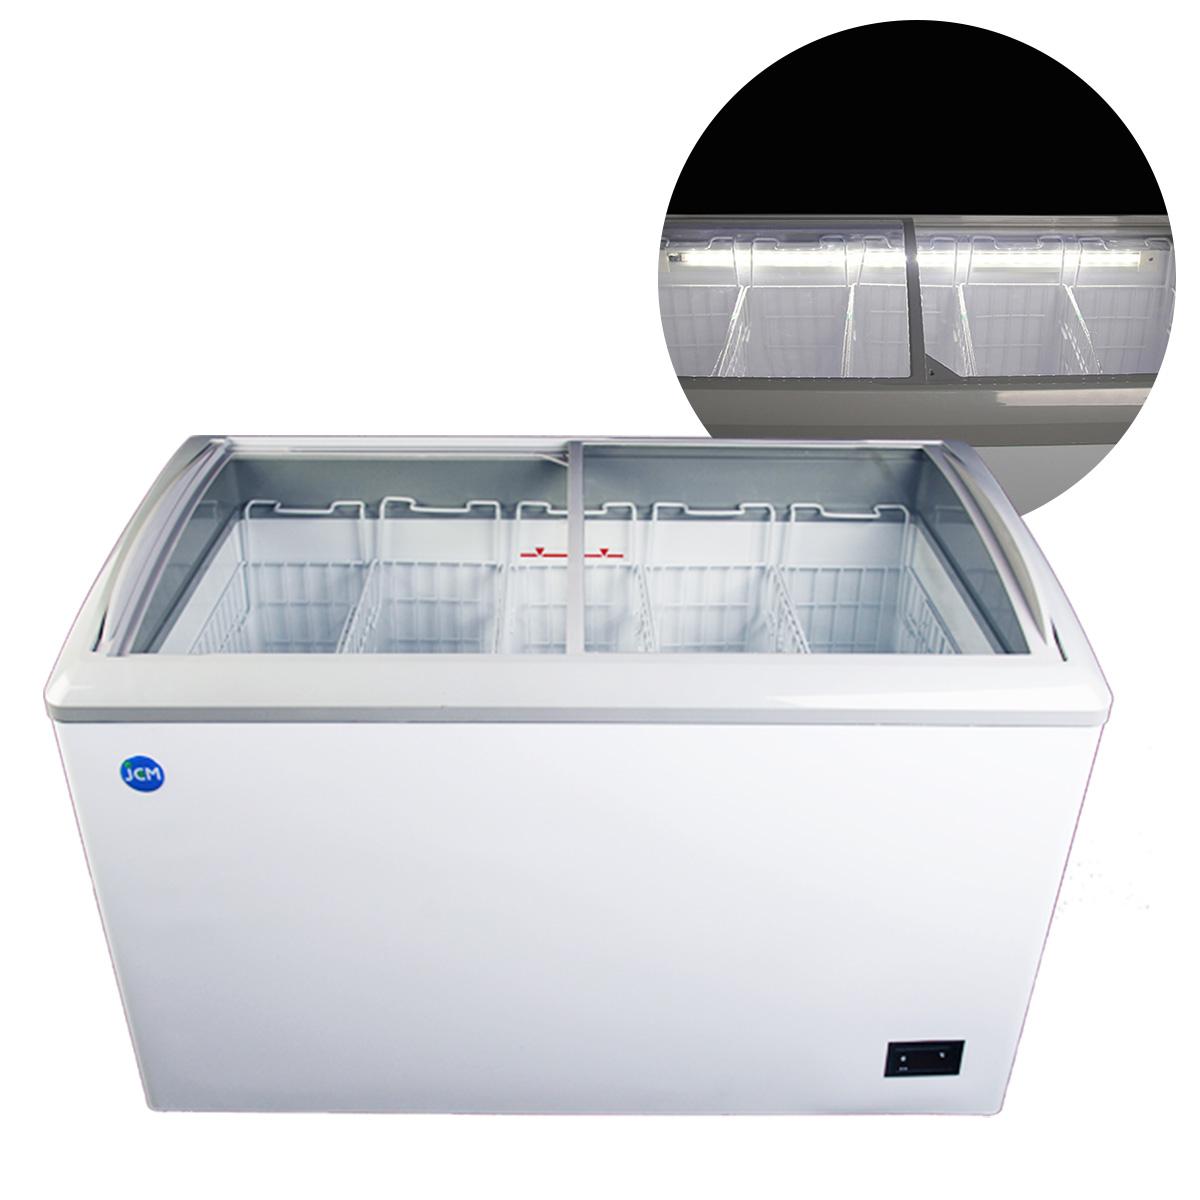 JCM 冷凍ショーケース 240L JCMCS-240L 業務用 冷凍 冷凍庫 保冷庫 ショーケース スライド LED照明付【代引不可】